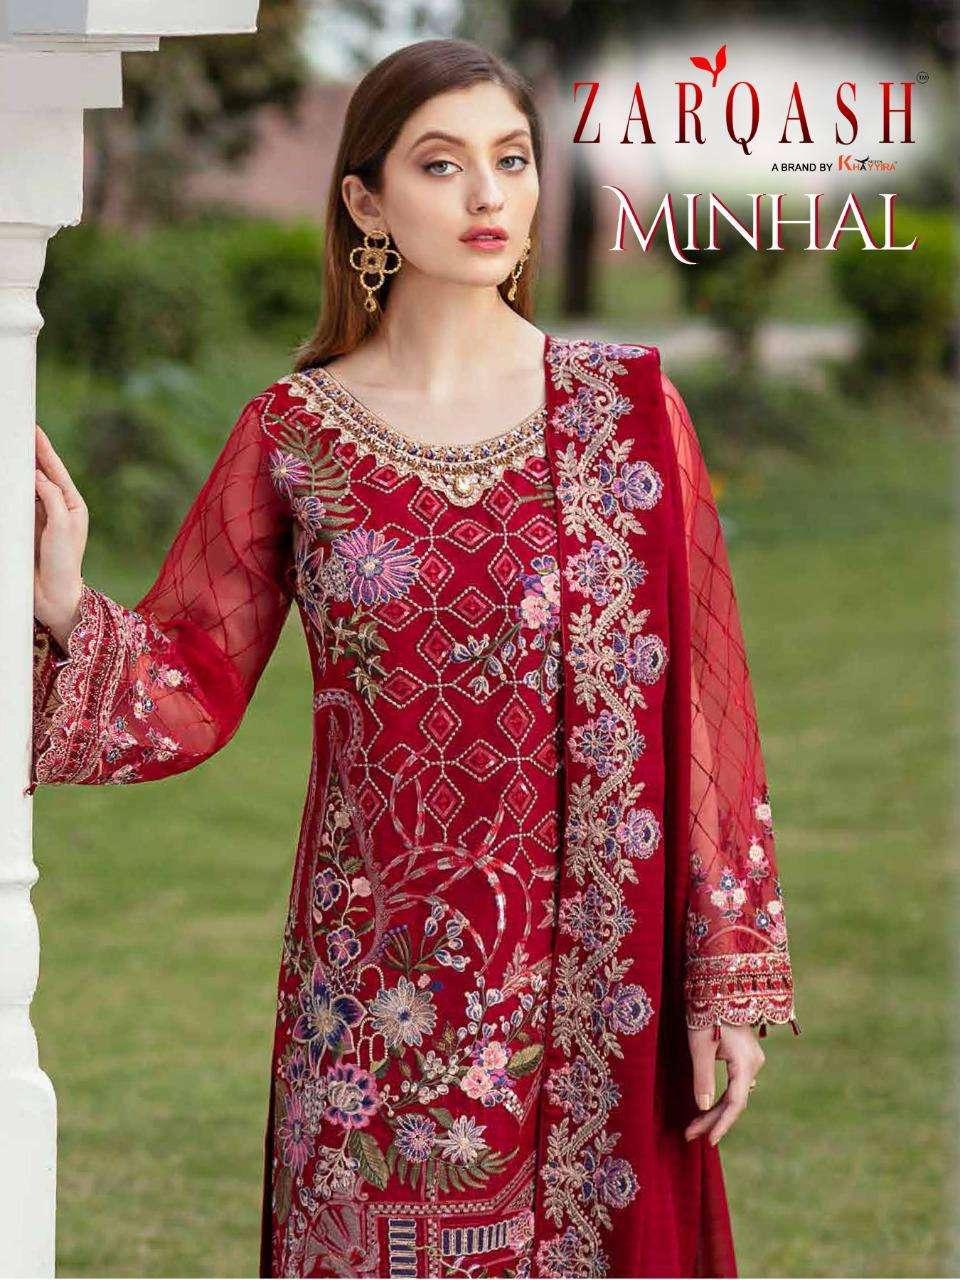 Zarqash Minhal Georgette Pakistani Fancy Dresses